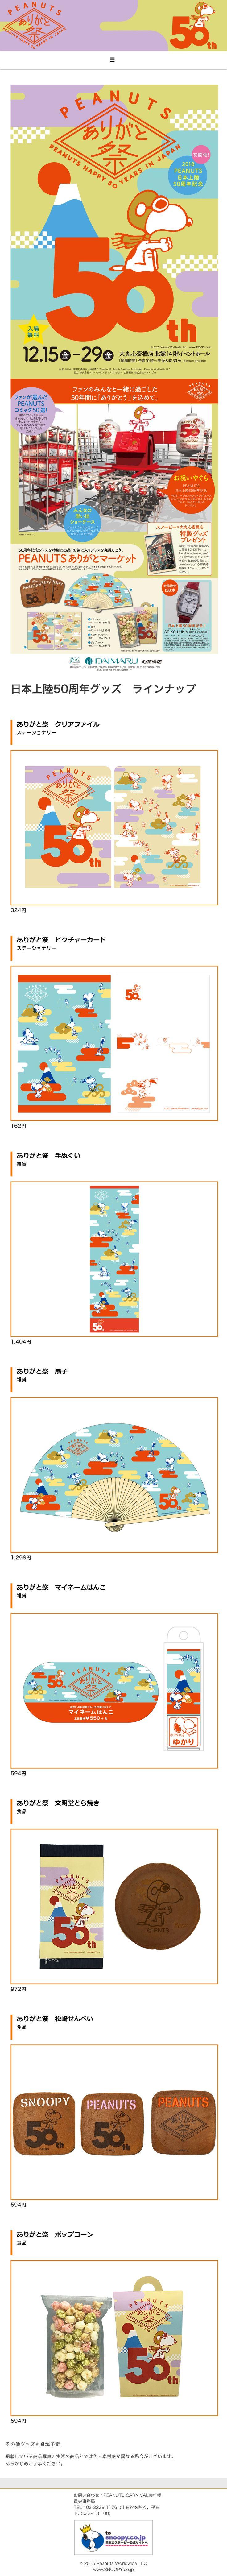 日本のスヌーピー公式サイト様の「ありがと祭」のスマホランディングページ(LP)かわいい系|サービス・保険・金融 #LP #ランディングページ #ランペ #ありがと祭